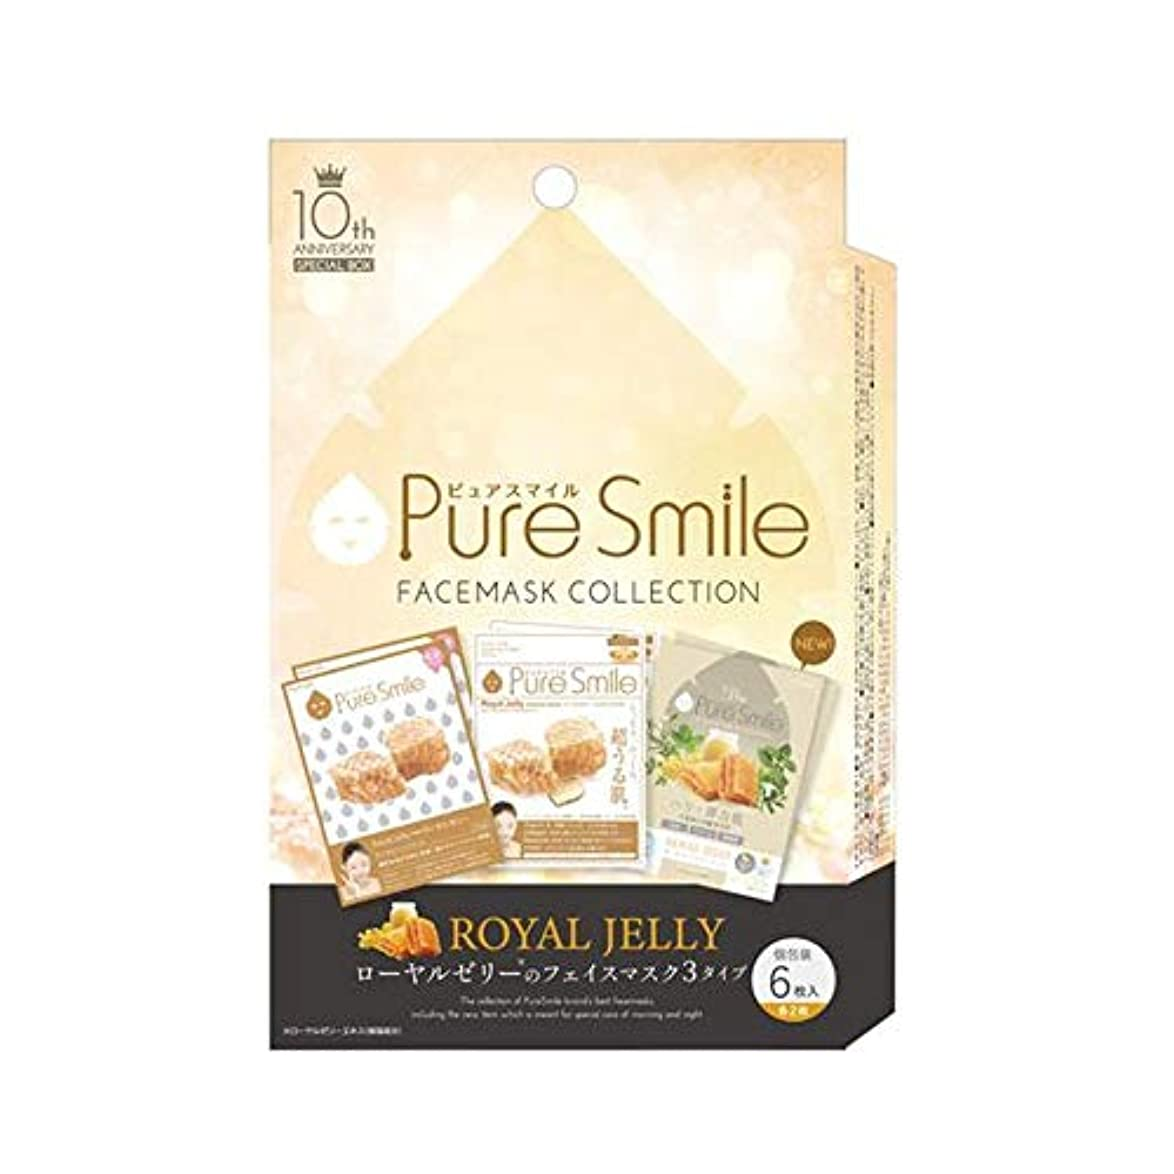 理論良心ピルピュア スマイル Pure Smile 10thアニバーサリー スペシャルボックス ローヤルゼリーエキス 6枚入り